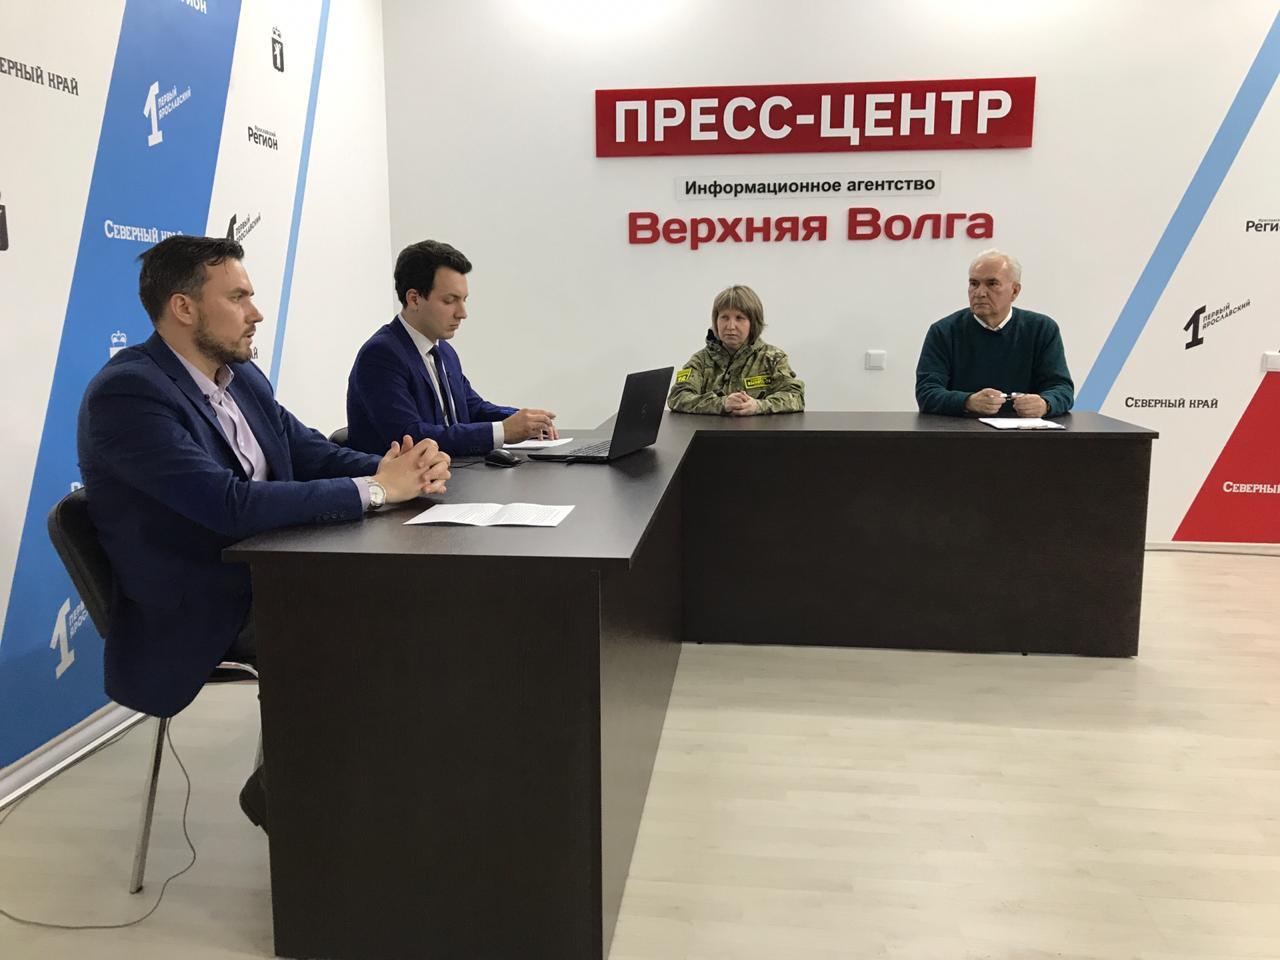 Ярославцы приняли участие в видеоконференции, посвященной «Дню неизвестного солдата»